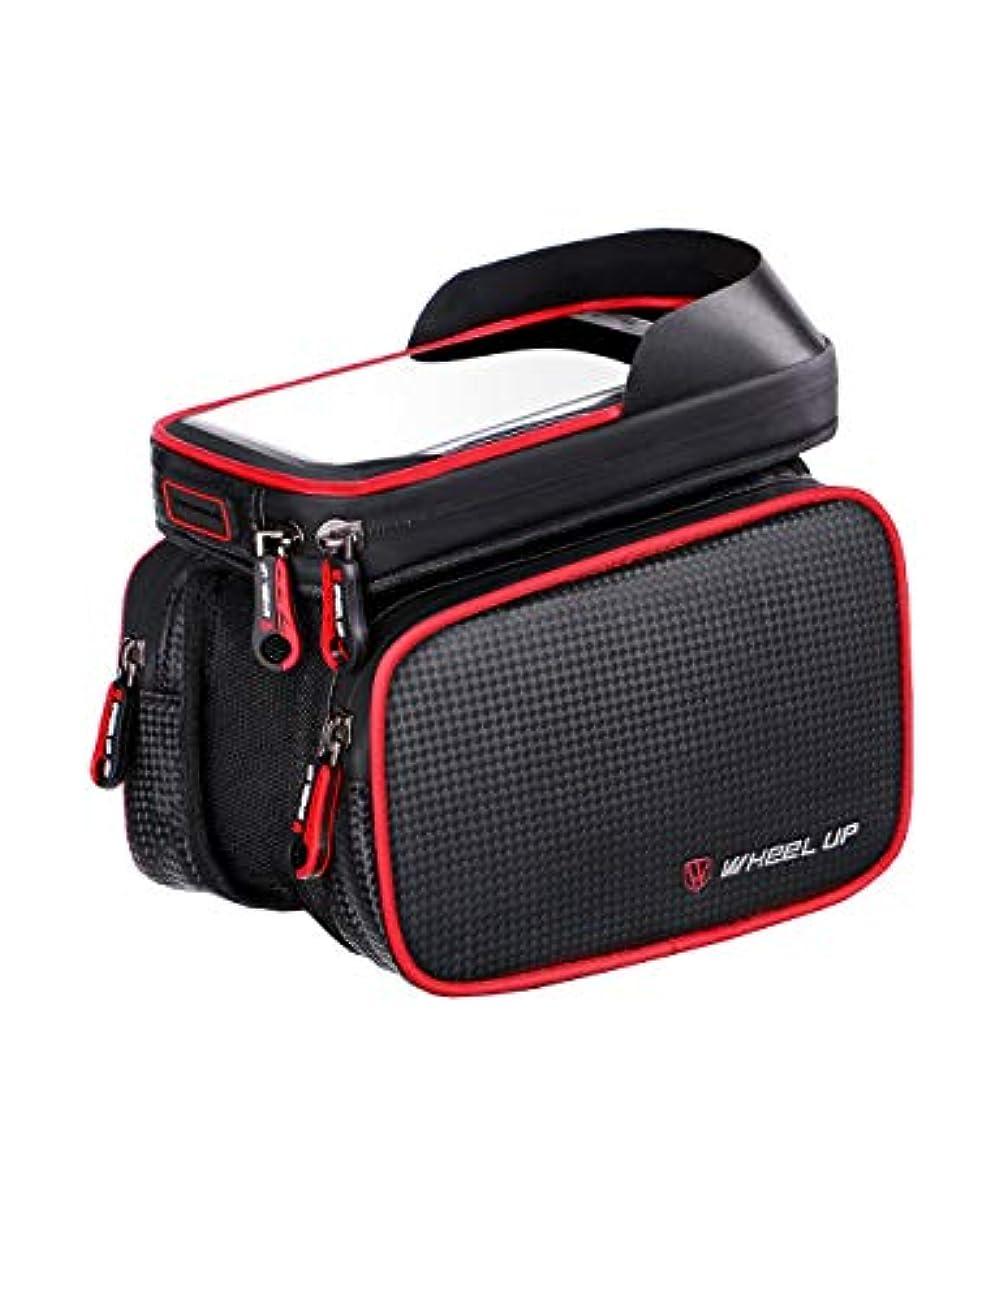 ジャニスメディアなので自転車バッグ自転車フロントシェルフ大型ストレージバッグ携帯電話バッグ防水敏感な6.2 ''タッチスクリーン